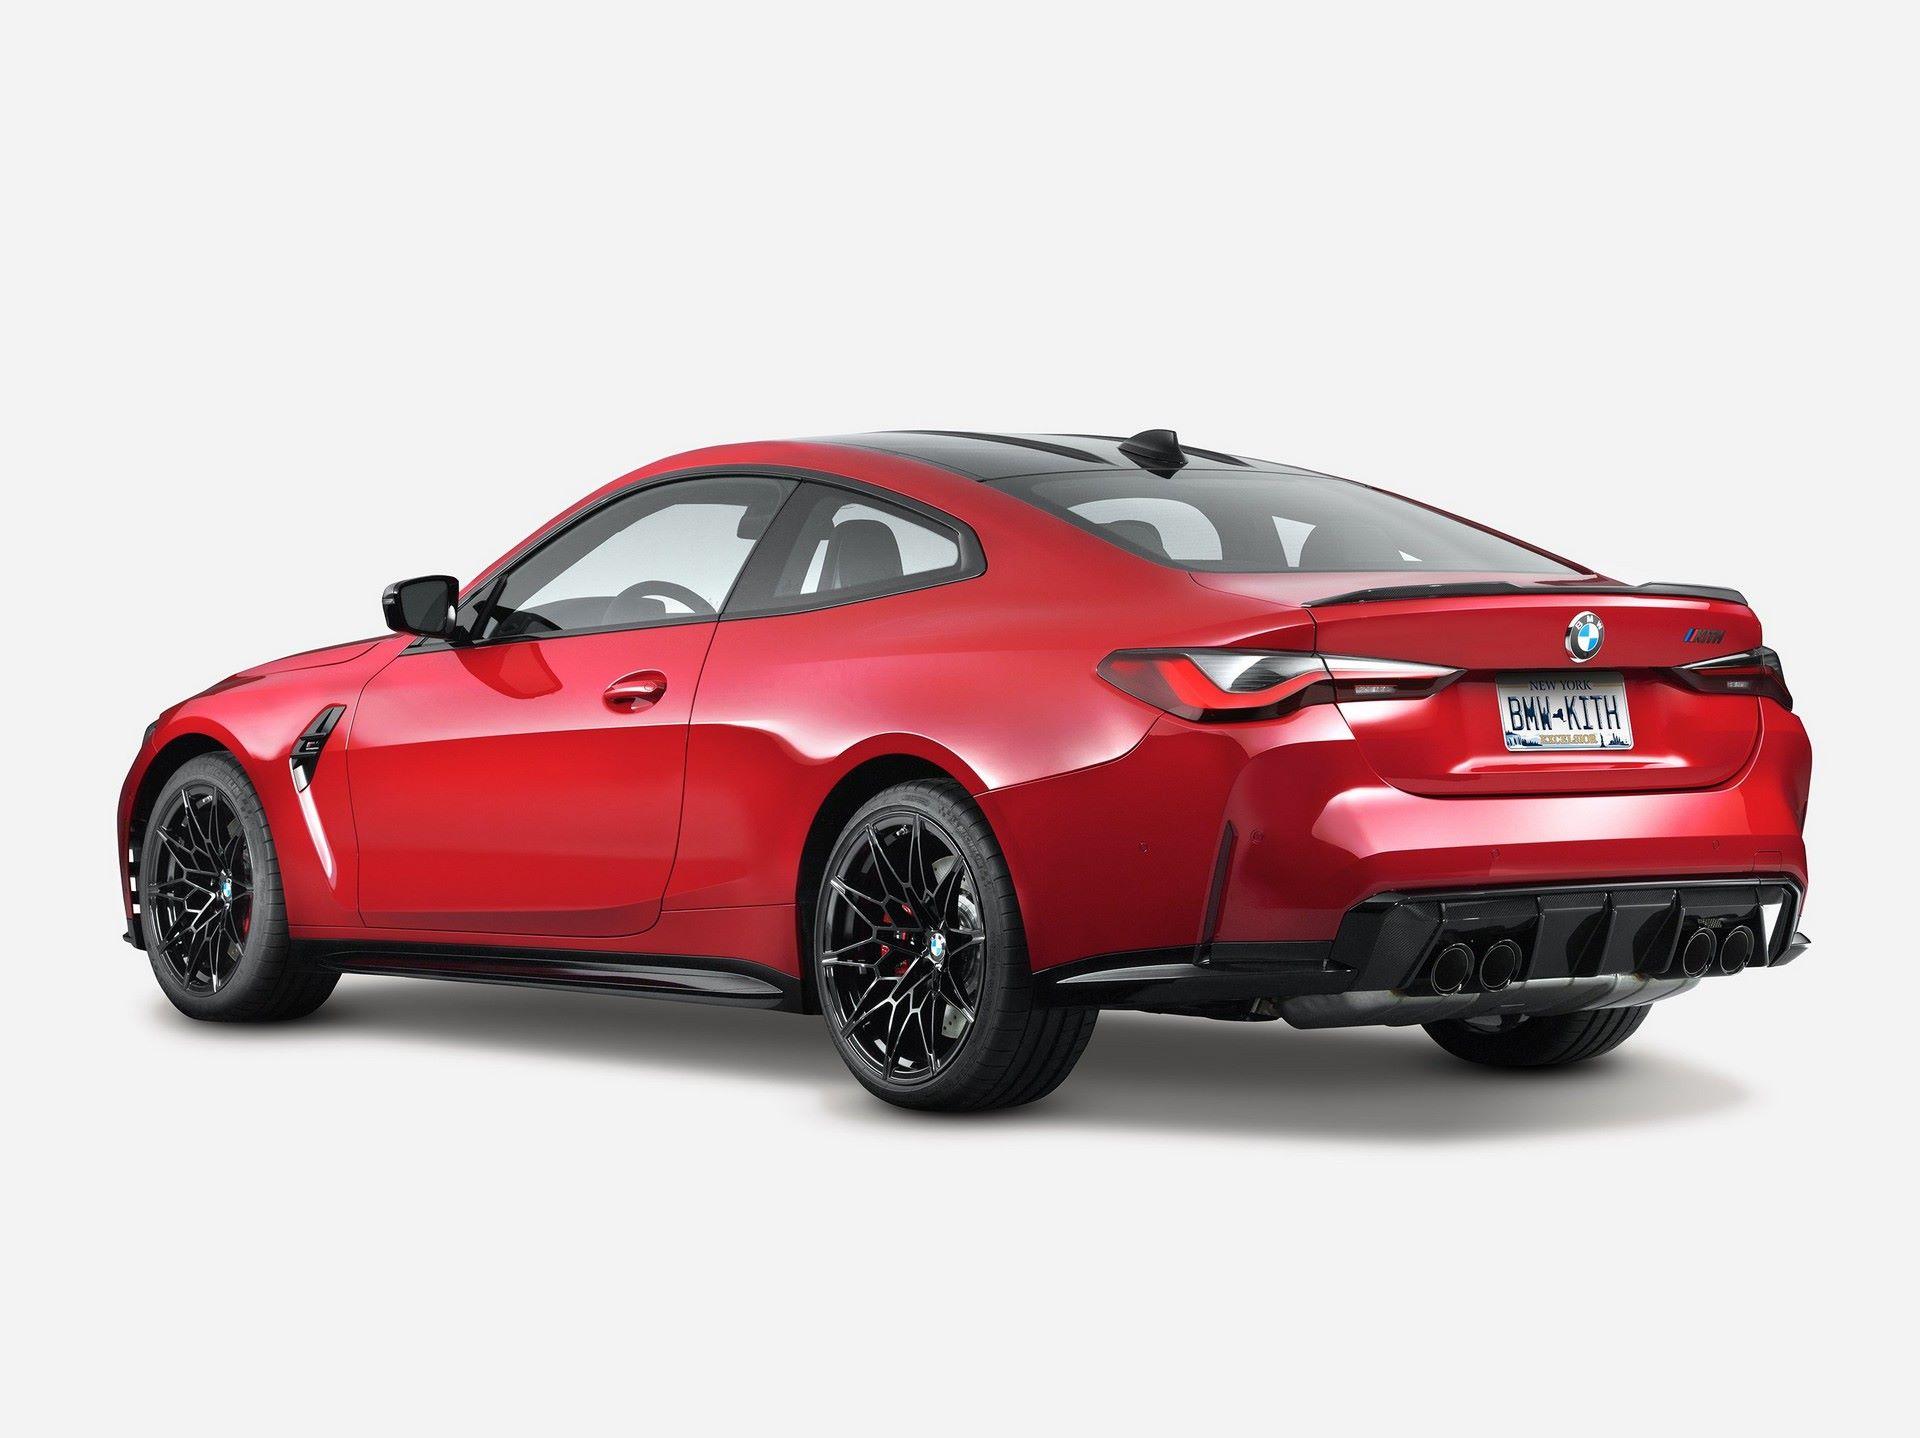 BMW-M3-E30-Ronnie-Fieg-Edition-και-M4-Kith-Concept-5